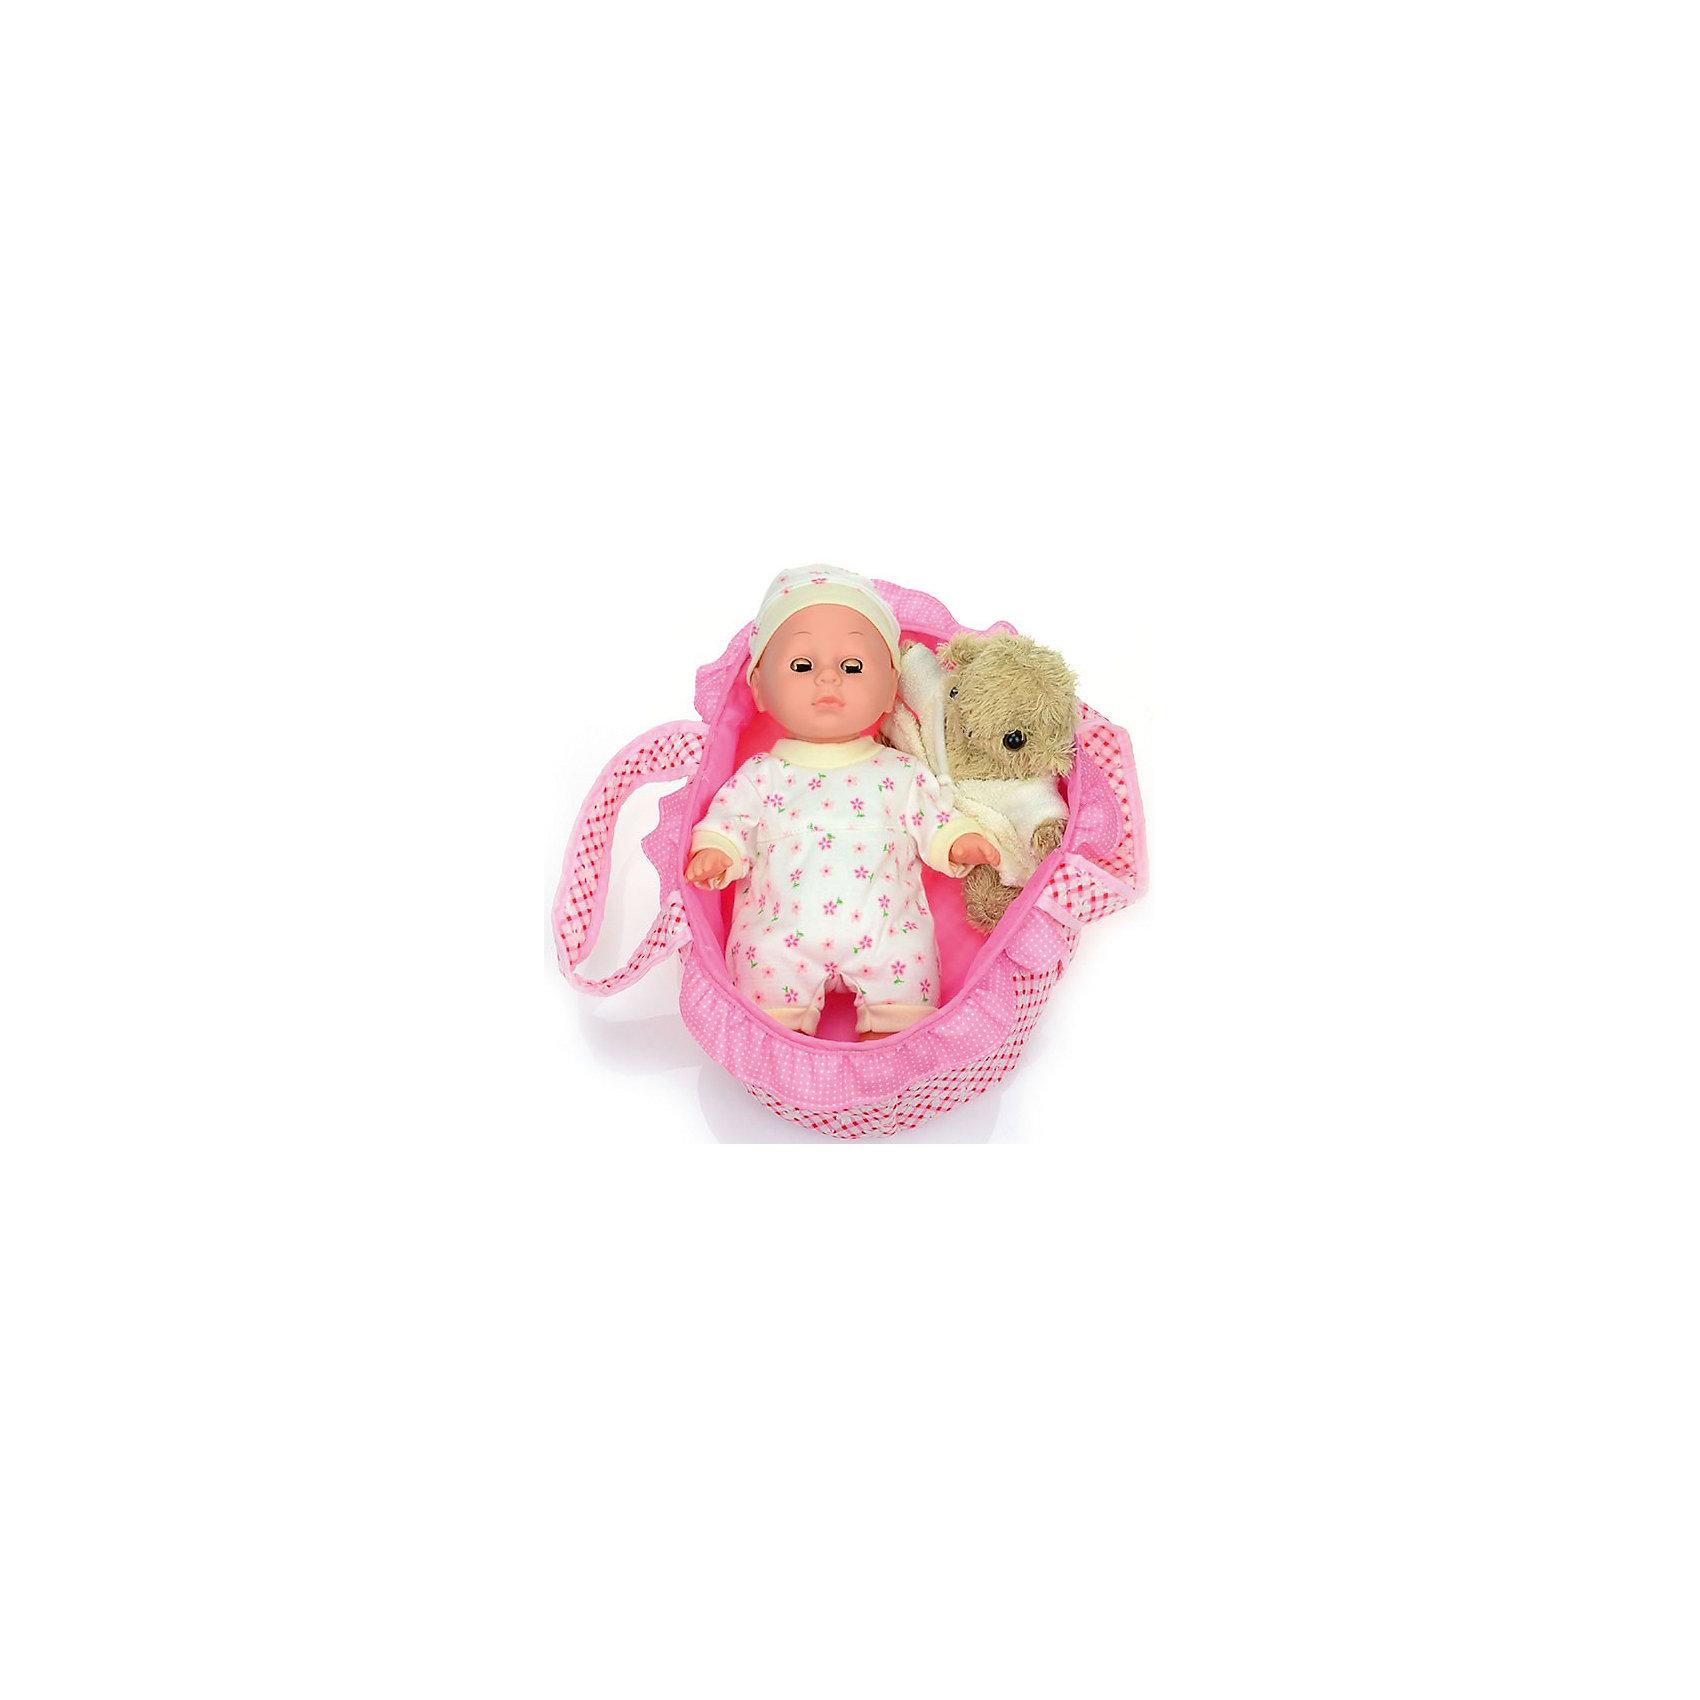 Пупс Озорной карапуз, 30 см, DollyToyКуклы-пупсы<br>Характеристики товара:<br><br>• возраст от 3 лет;<br>• материал: пластик, текстиль;<br>• в комплекте: кукла, люлька, подушка, игрушка;<br>• высота куклы 30 см;<br>• размер упаковки 33х33х10 см;<br>• вес упаковки 654 гр.;<br>• страна производитель: Китай.<br><br>Пупс «Озорной карапуз» DollyToy привьет девочке чувство заботы и ответственности. С ним девочка может придумывать сюжеты для игры, заботясь о малыше. Когда он захочет поспать, его можно уложить в удобную колыбельку с подушкой. А для веселых игр есть плюшевая игрушка.<br><br>Пупса «Озорной карапуз» DollyToy можно приобрести в нашем интернет-магазине.<br><br>Ширина мм: 330<br>Глубина мм: 330<br>Высота мм: 100<br>Вес г: 654<br>Возраст от месяцев: 36<br>Возраст до месяцев: 72<br>Пол: Женский<br>Возраст: Детский<br>SKU: 5581288